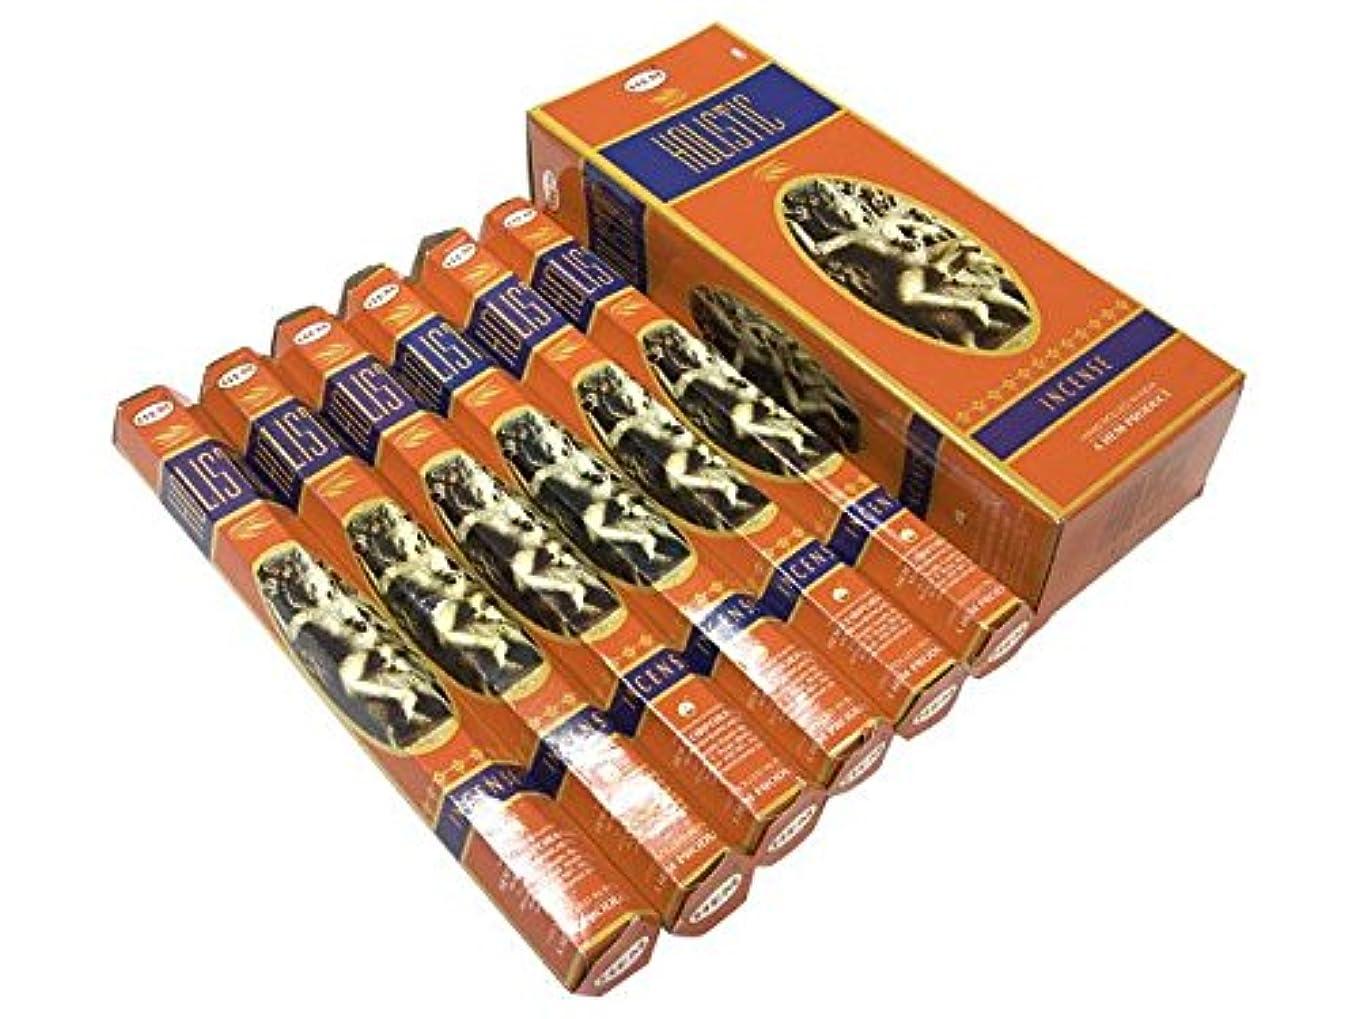 稚魚与える裁定HEM(ヘム)社 ホリスティック香 スティック HOLISTIC 6箱セット